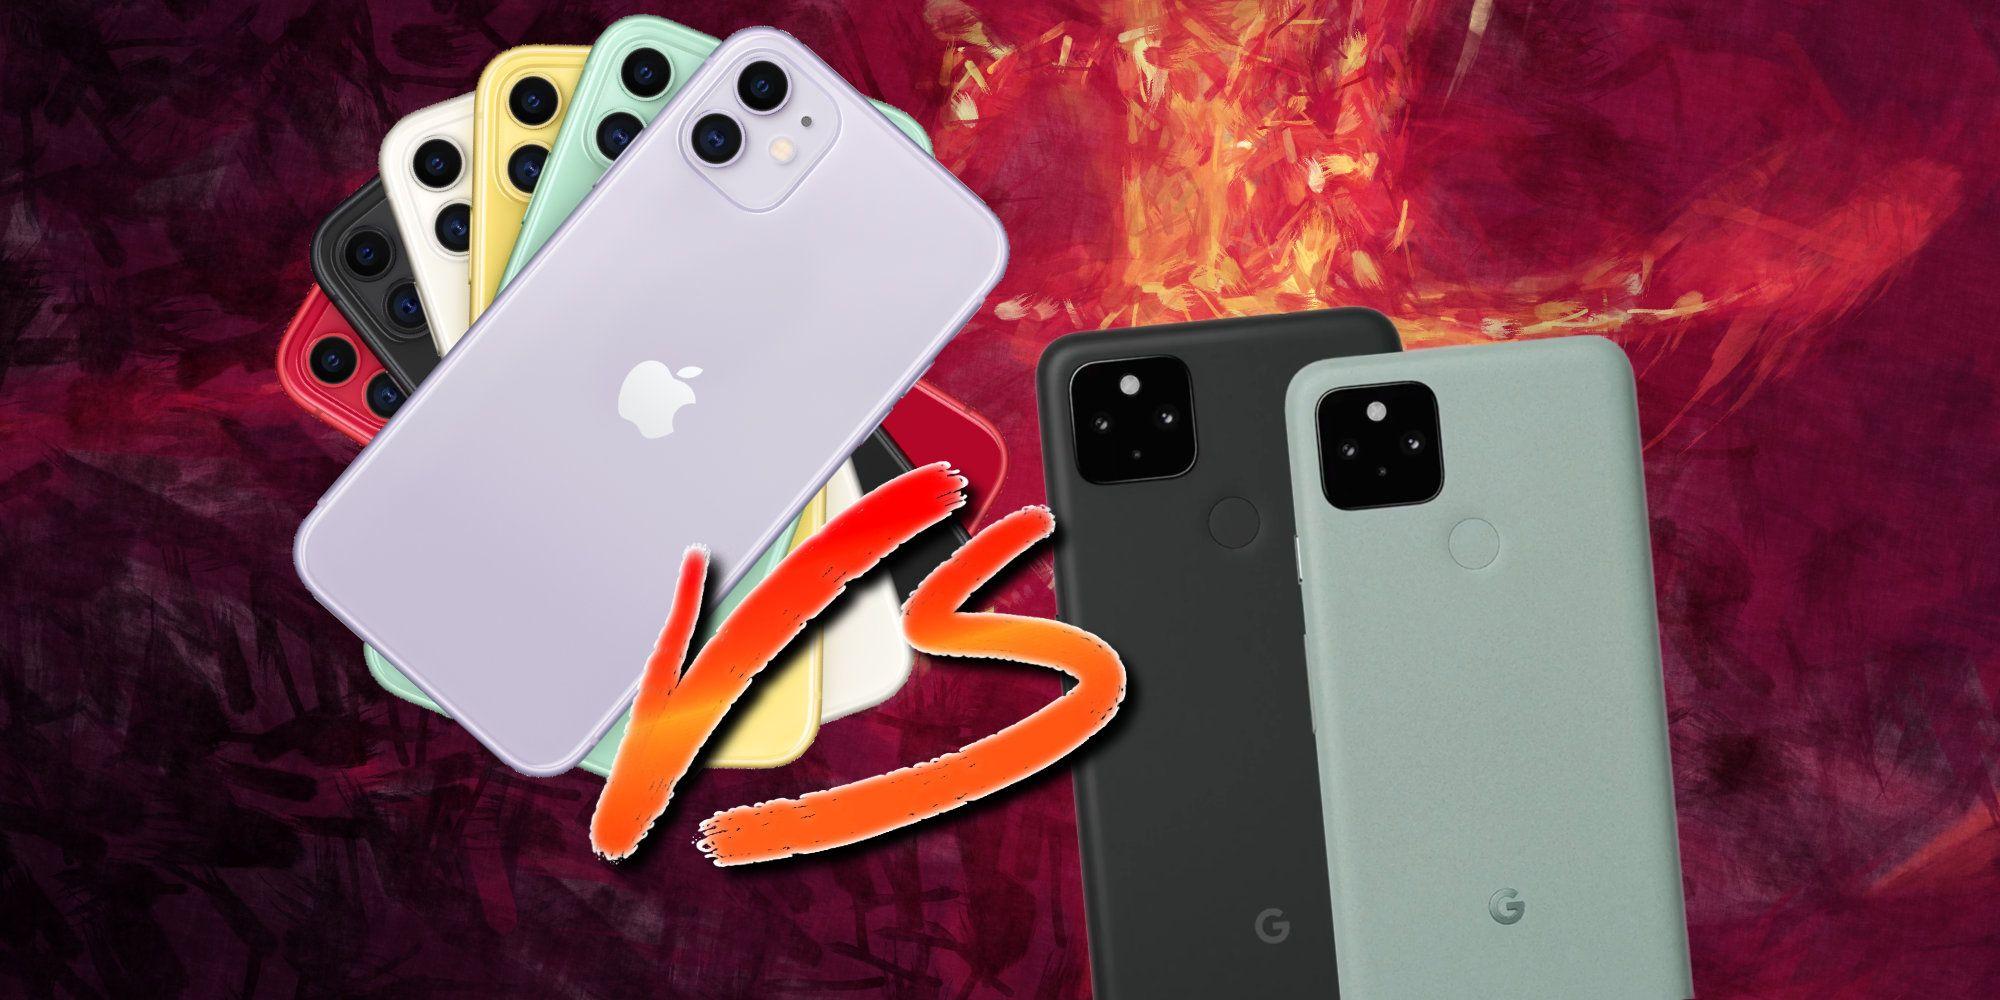 Cùng tầm giá 17 triệu nên chọn iPhone 11 hay mẫu smartphone mới toanh này? - 1